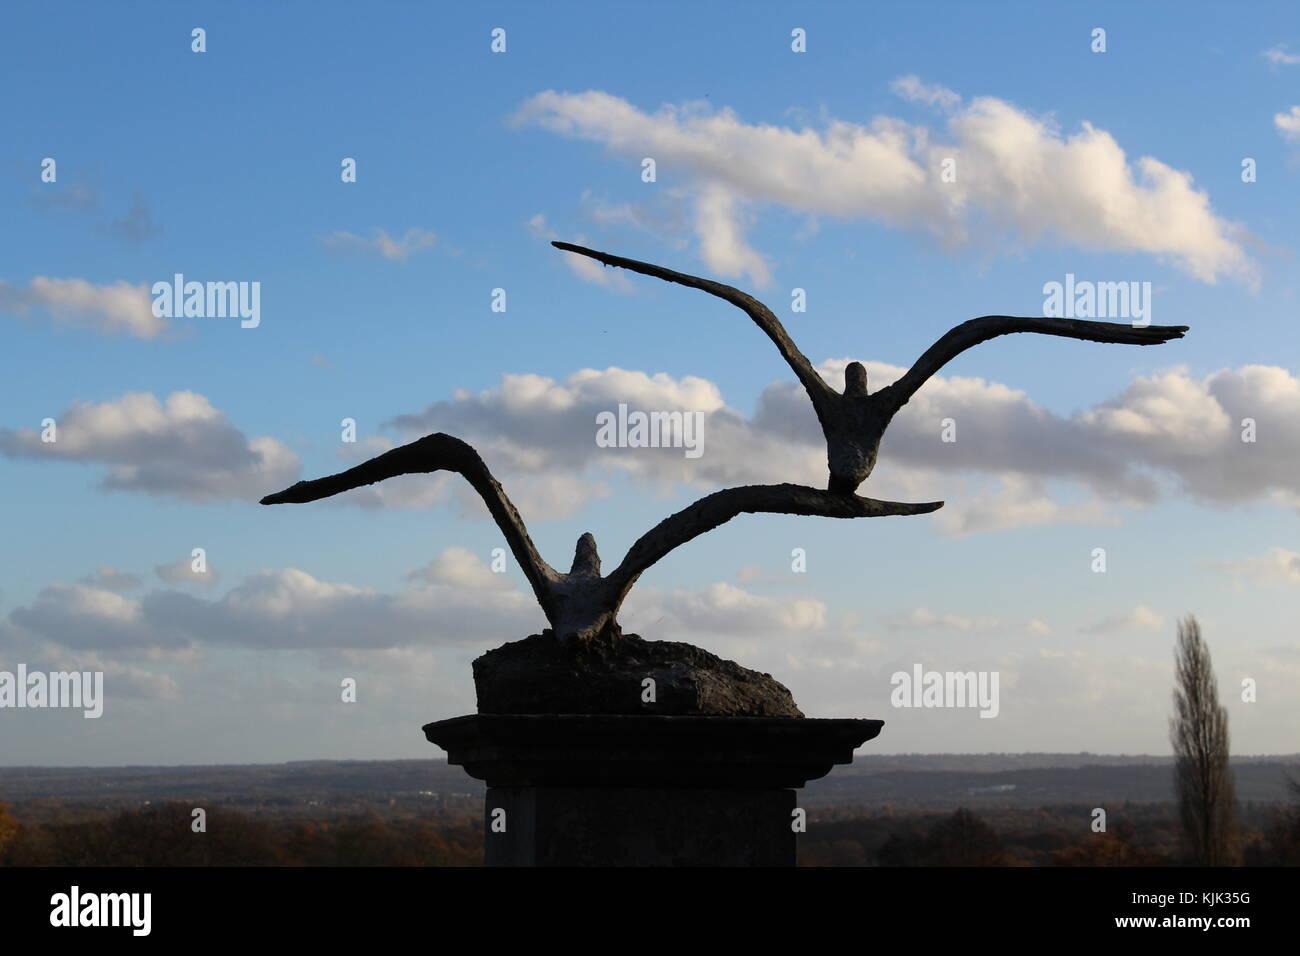 Pájaros en vuelo estatua mirando el paisaje Foto de stock